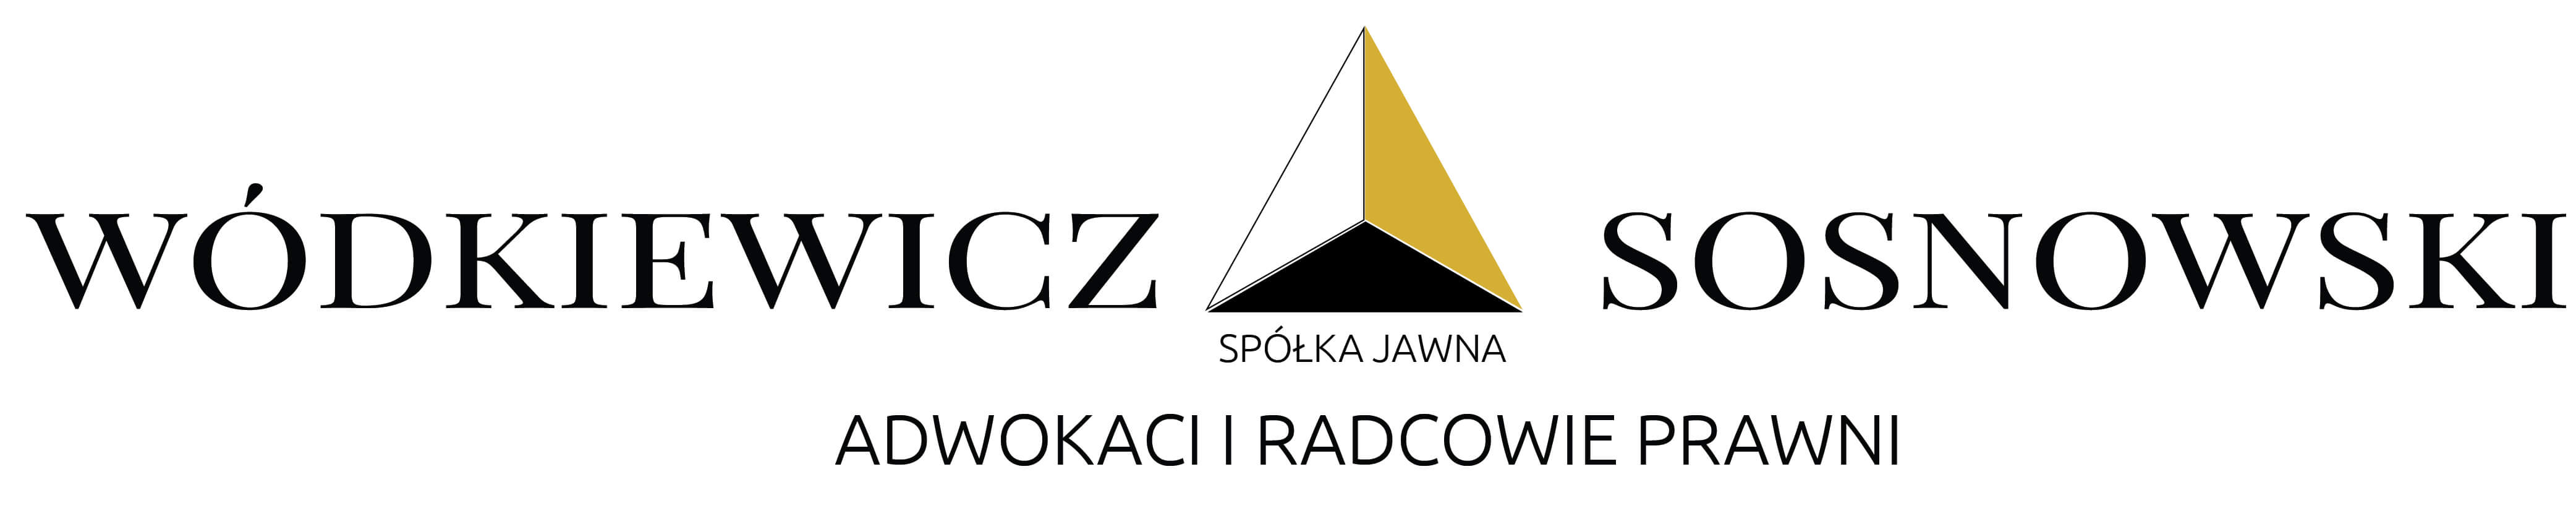 Kancelaria Wódkiewicz Sosnowski